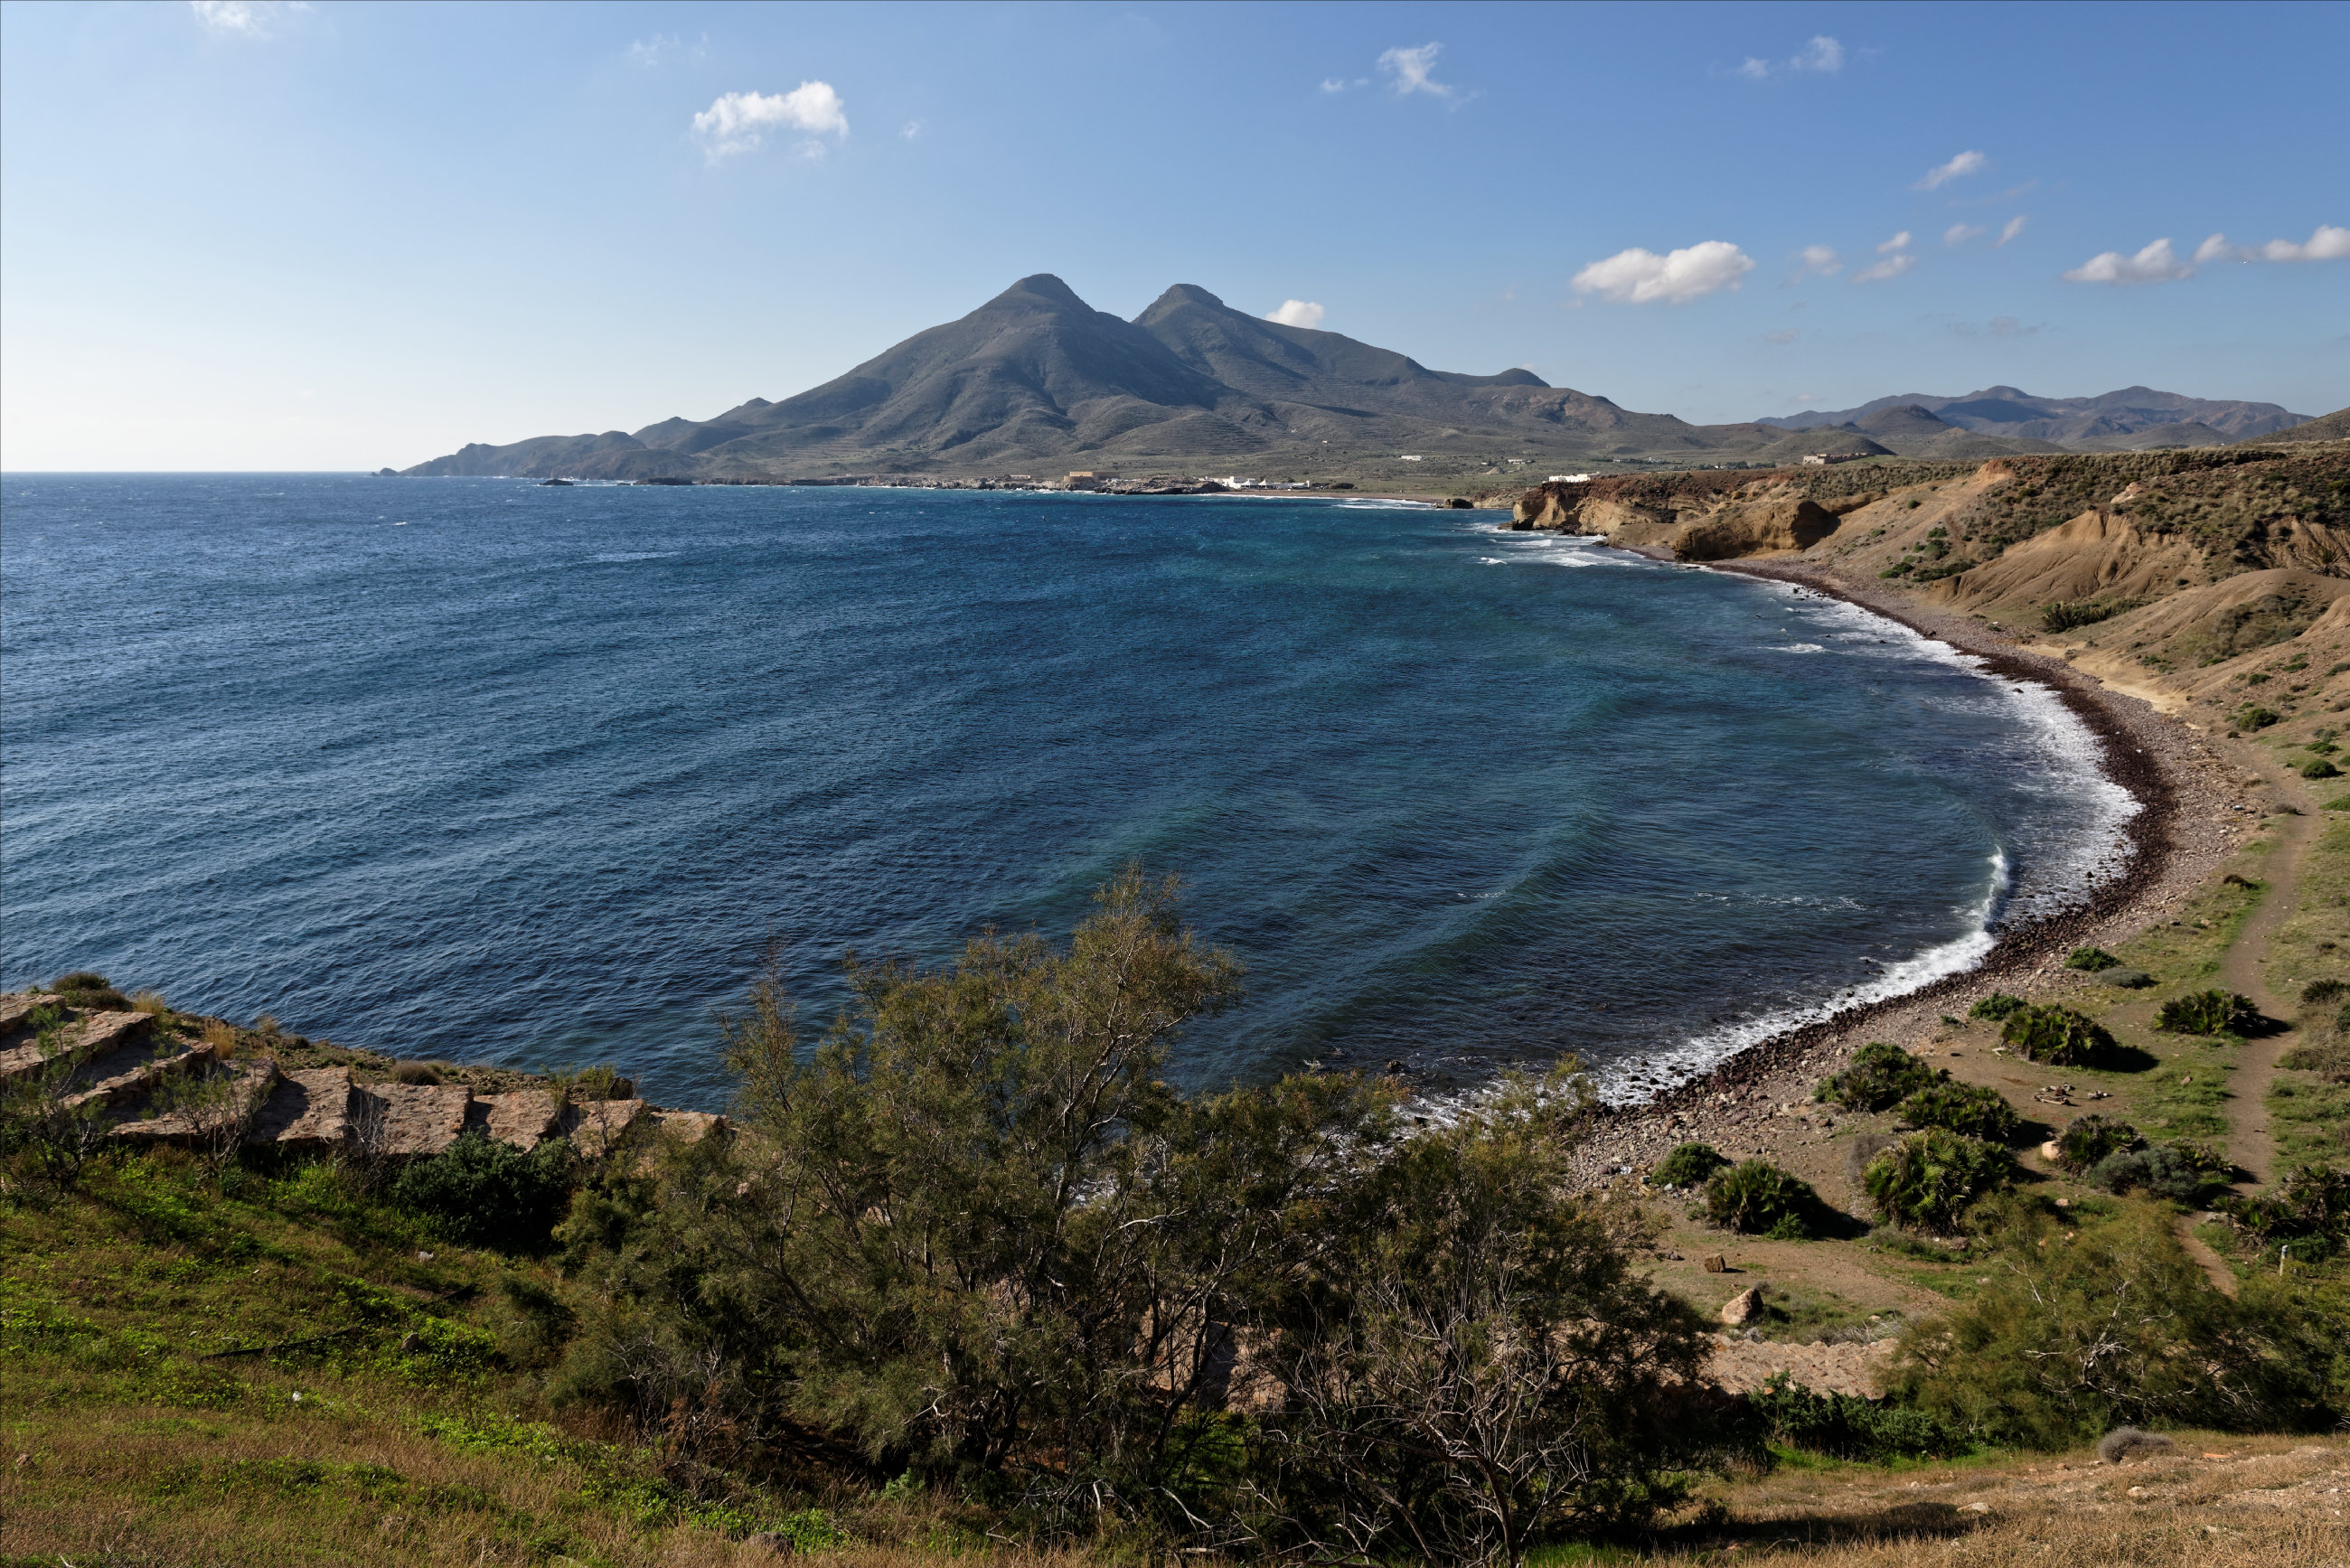 151108-La Isleta del Moro (28)